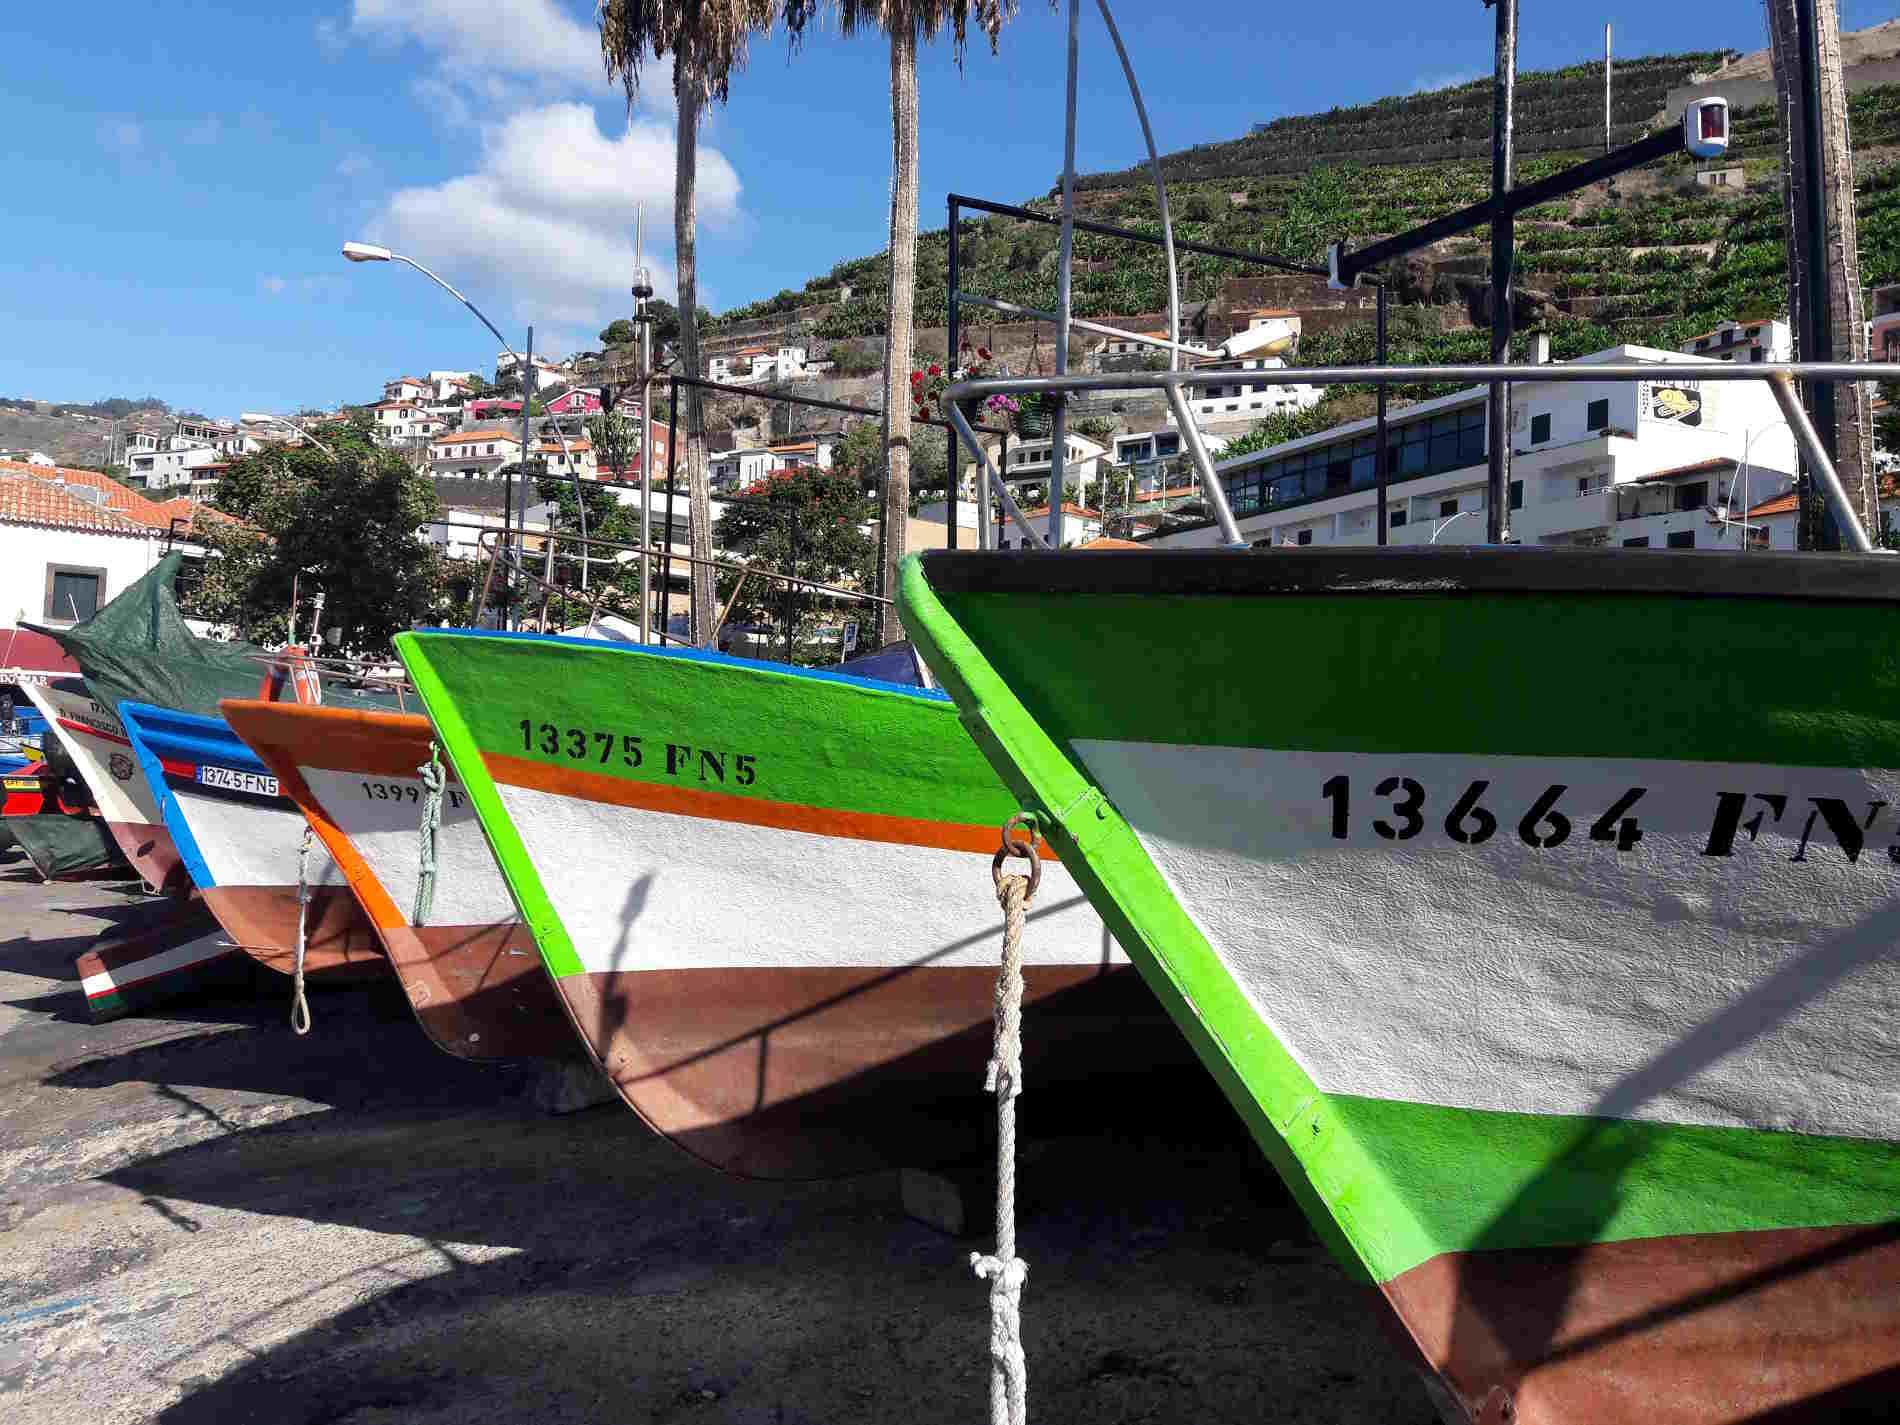 ntervista-con-la-Blogger-di-Lilli-Lifestyle-Liliana-Navarra-a-Madeira-Loubo